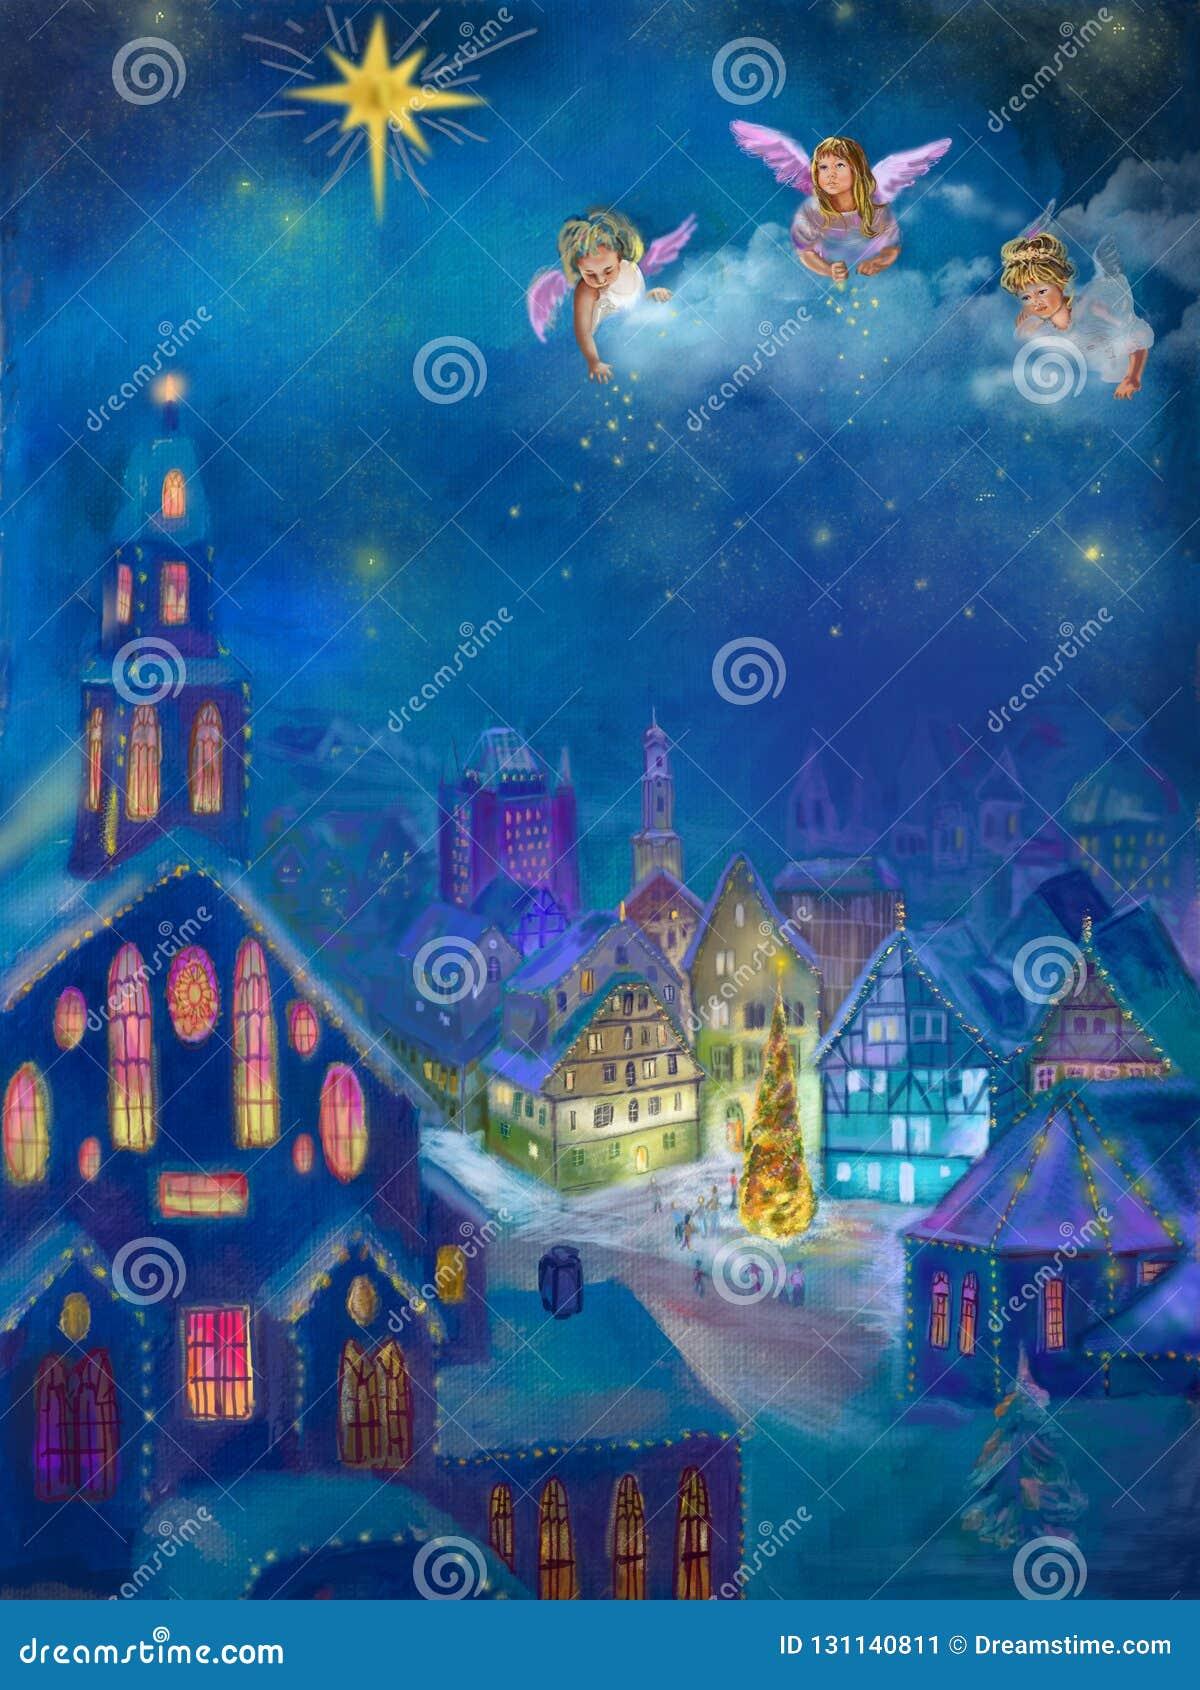 Weihnachtsbilder Kamin.Weihnachtsbilder Von Einem Kleinen Dorf Im Mountainsmusik